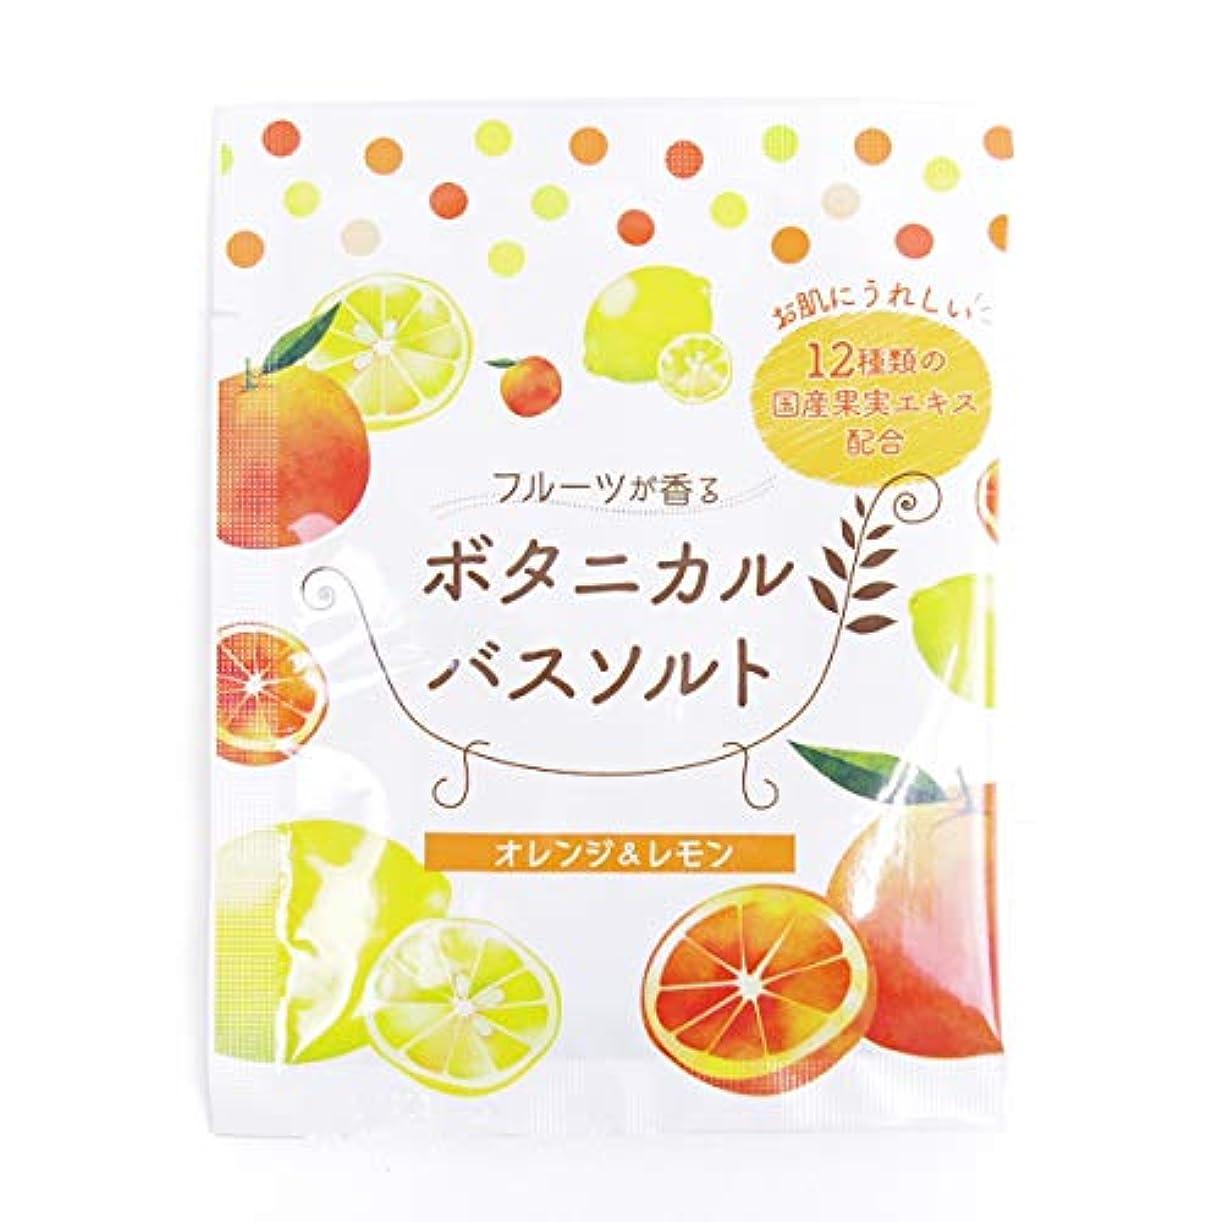 騒ぎ誰も大人松田医薬品 フルーツが香るボタニカルバスソルト オレンジ&レモン 30g